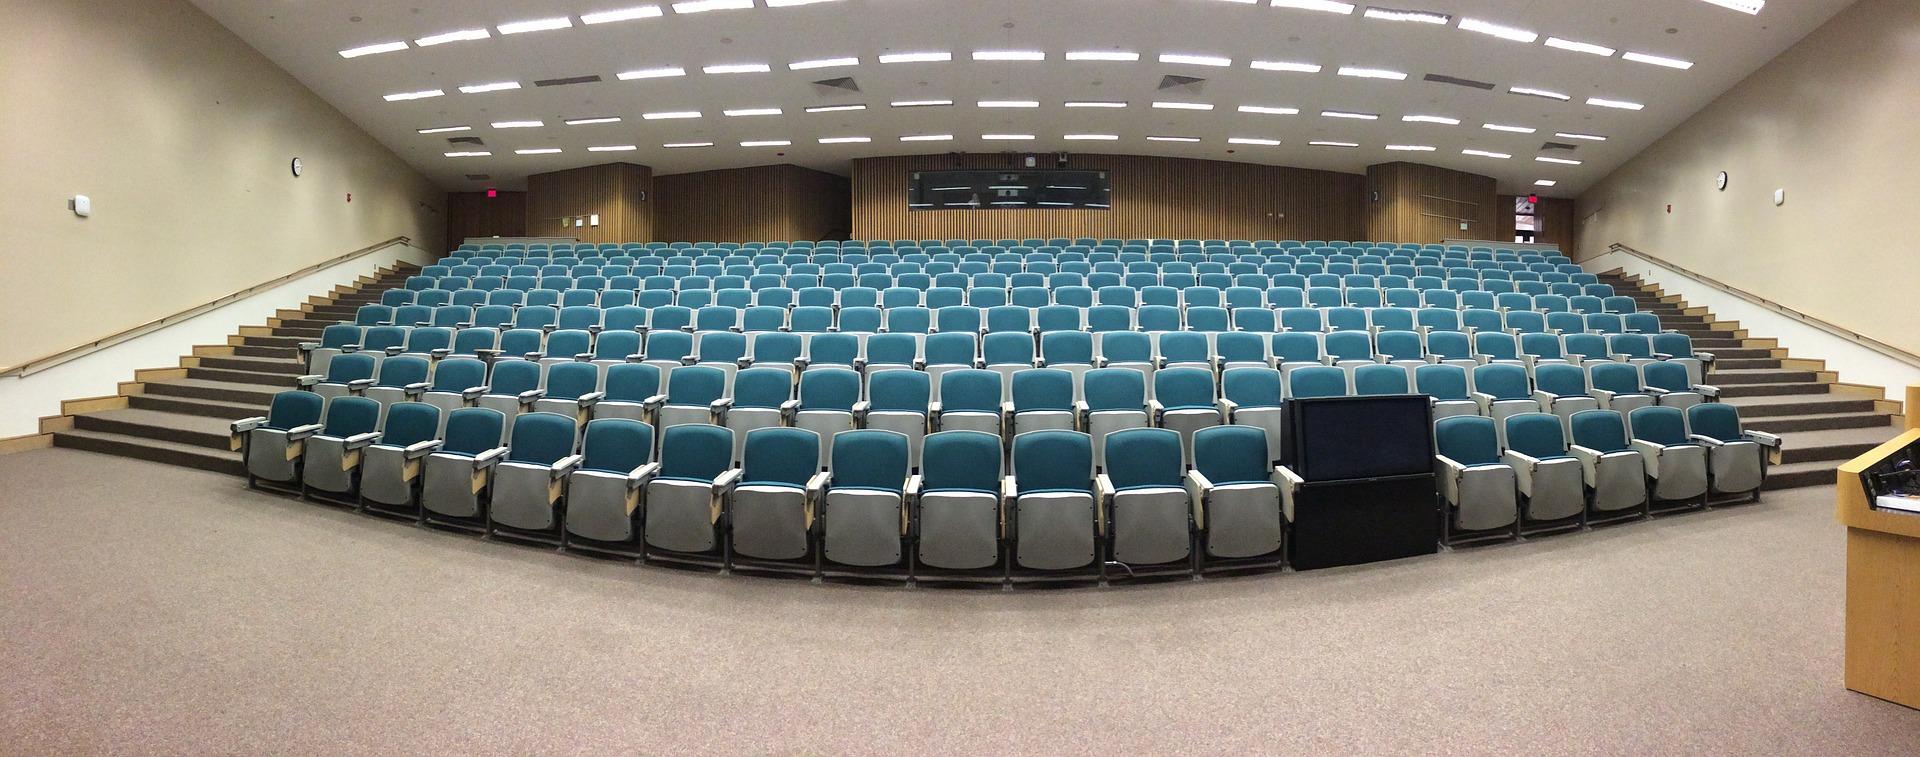 Auditorium seats, empty